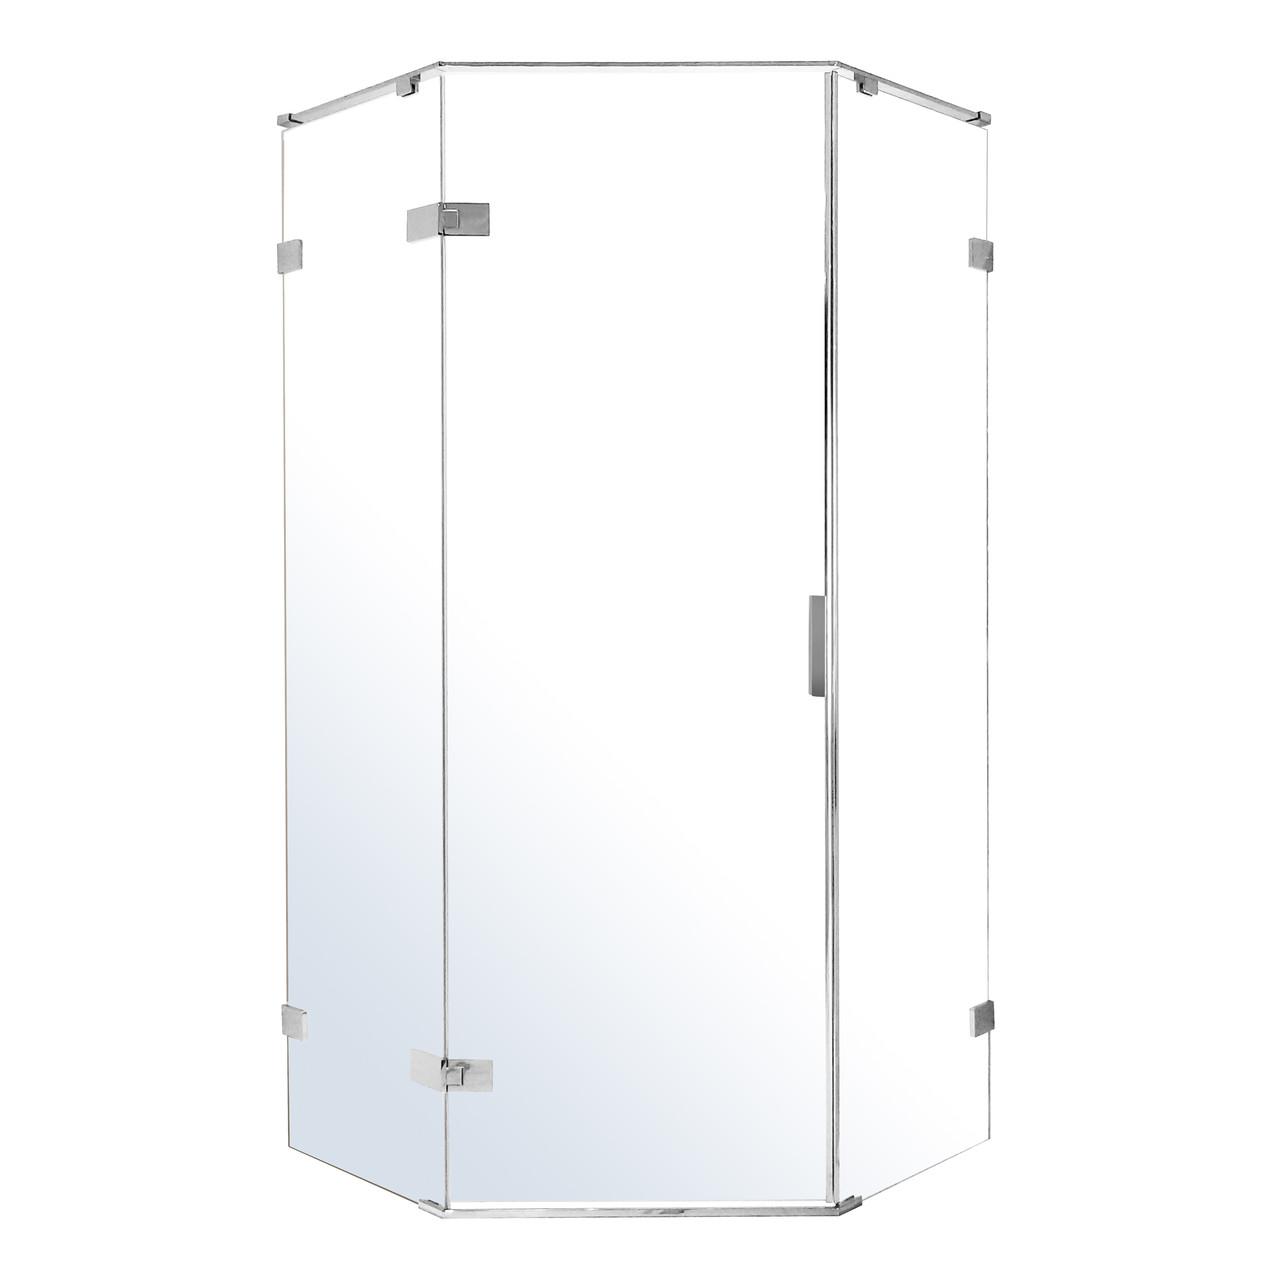 NEMO душевая кабина 5-ти угольная 90*90*195см, левая, распашная, прозрачное стекло 8мм, зеркальный хром